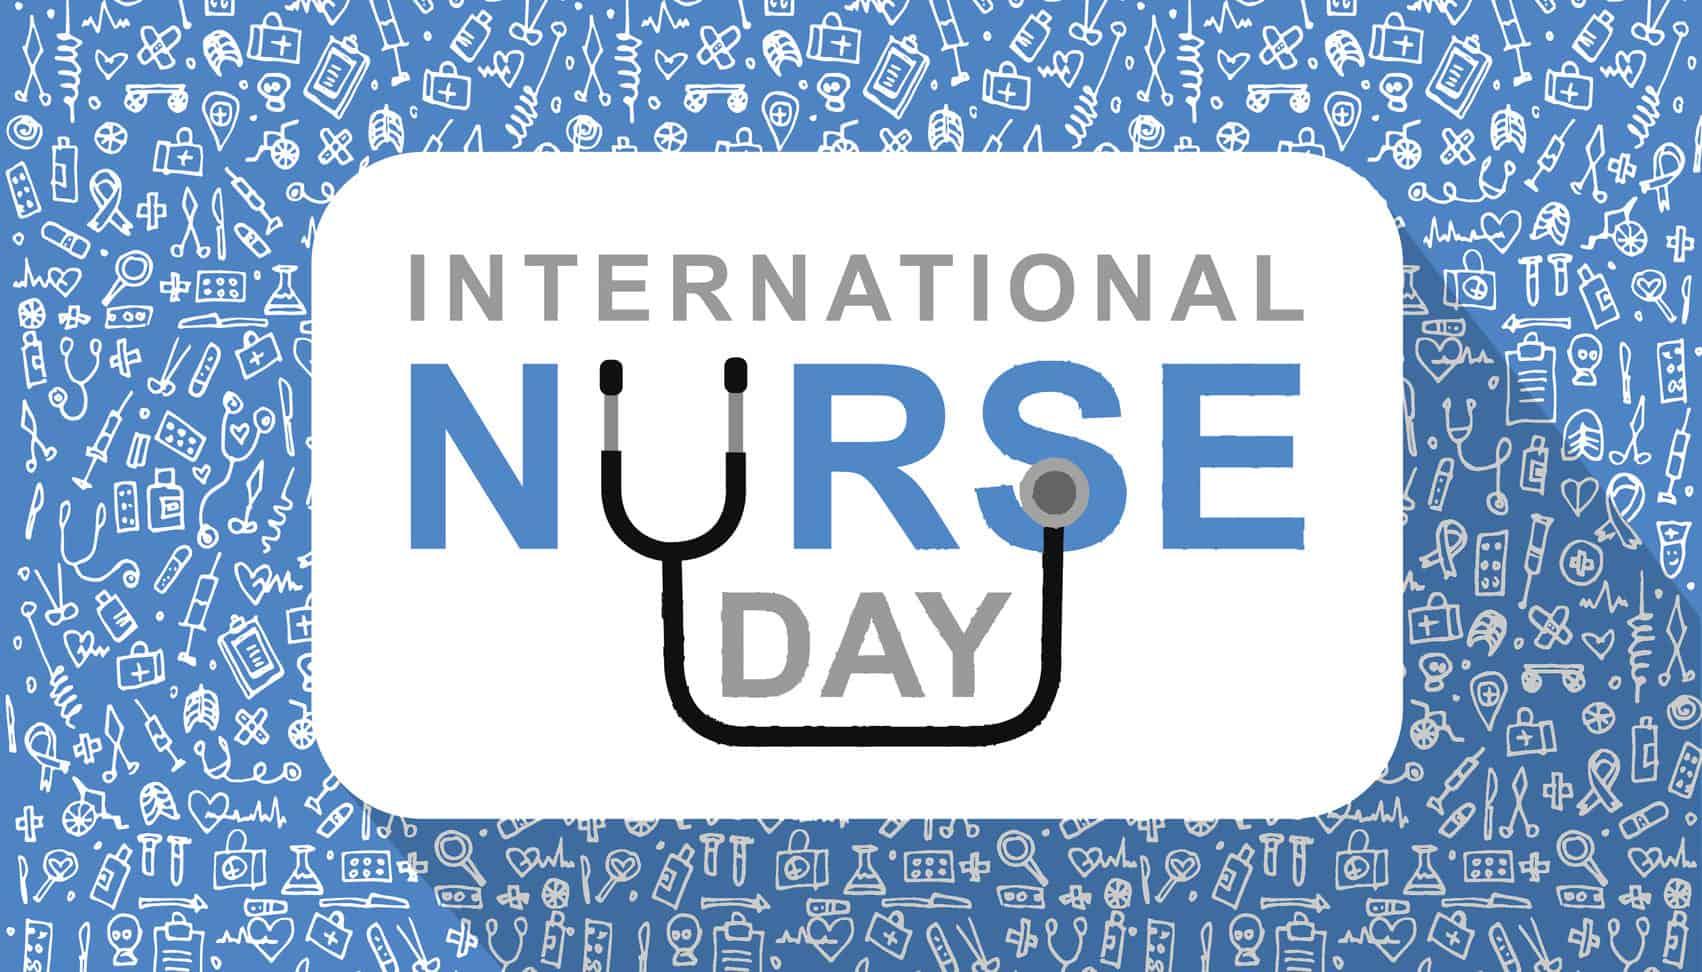 Nurse Day in 2018 12